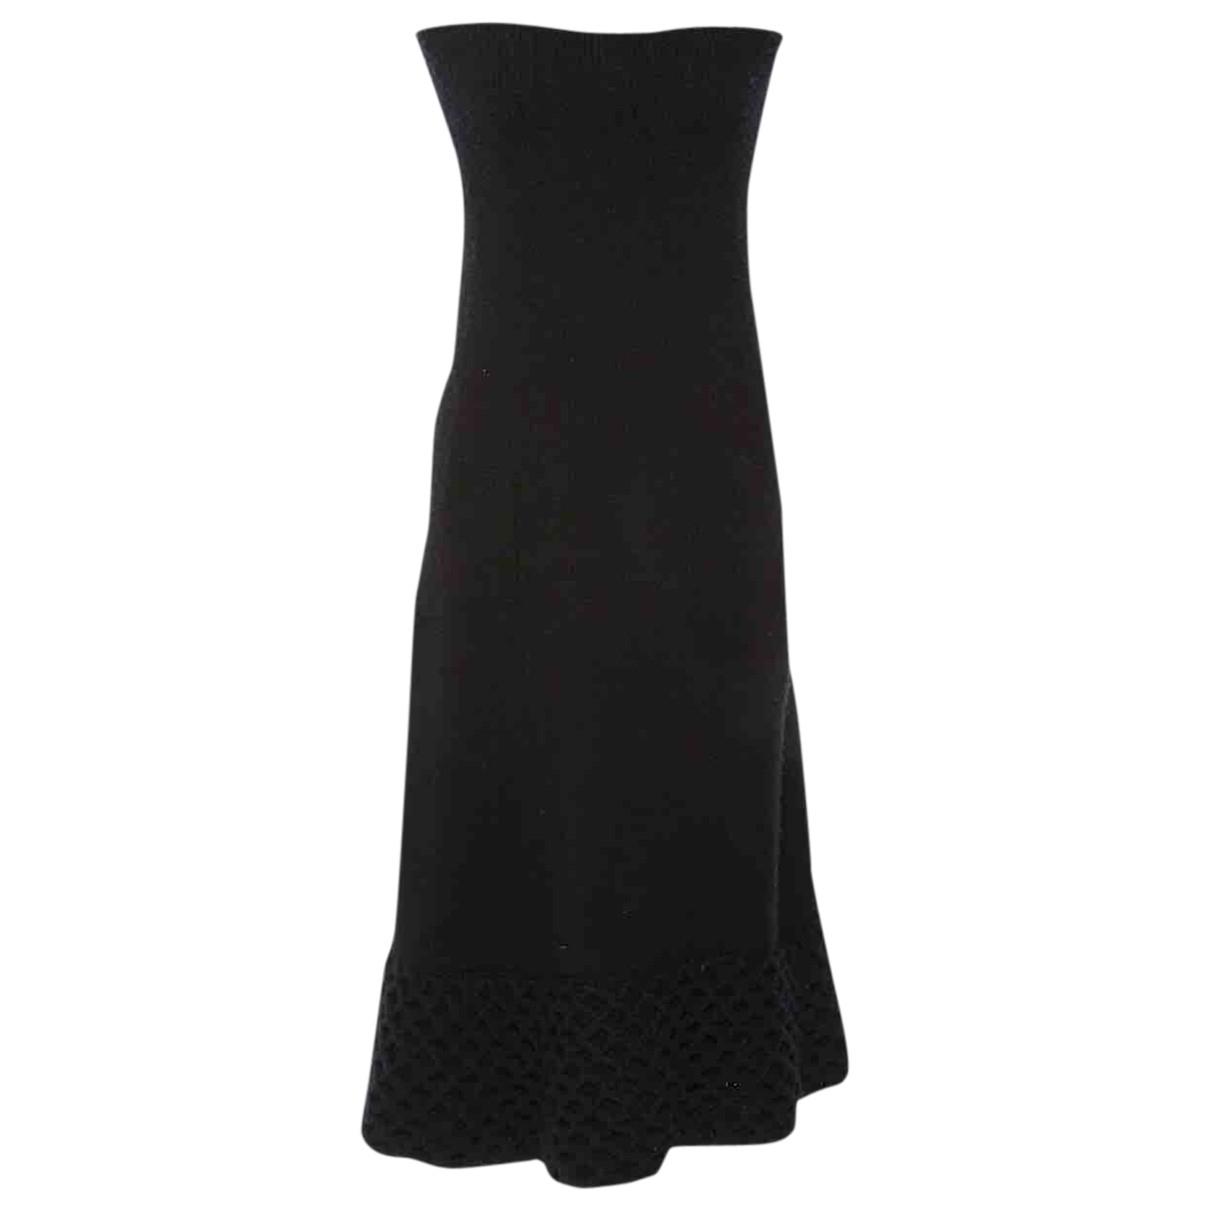 Junya Watanabe \N Black Wool skirt for Women 40 FR